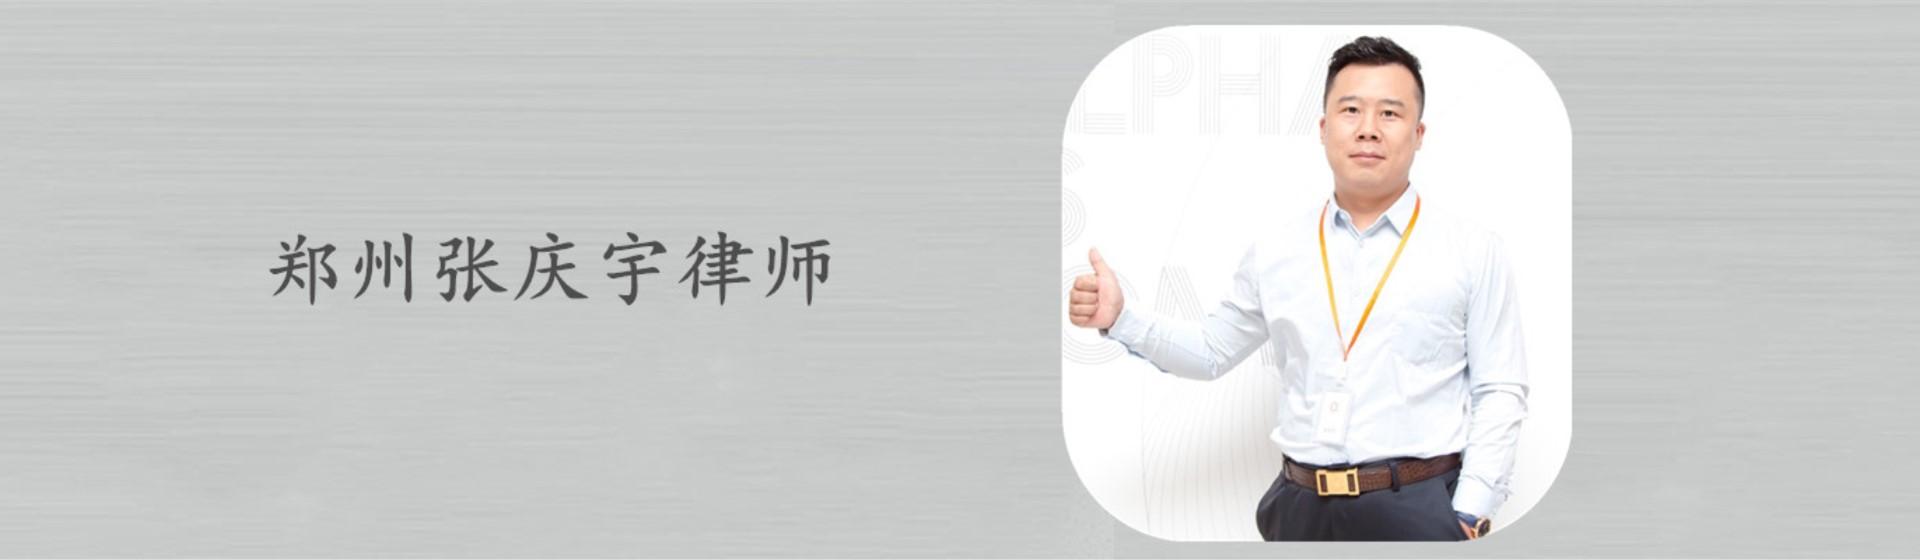 郑州律师大图二